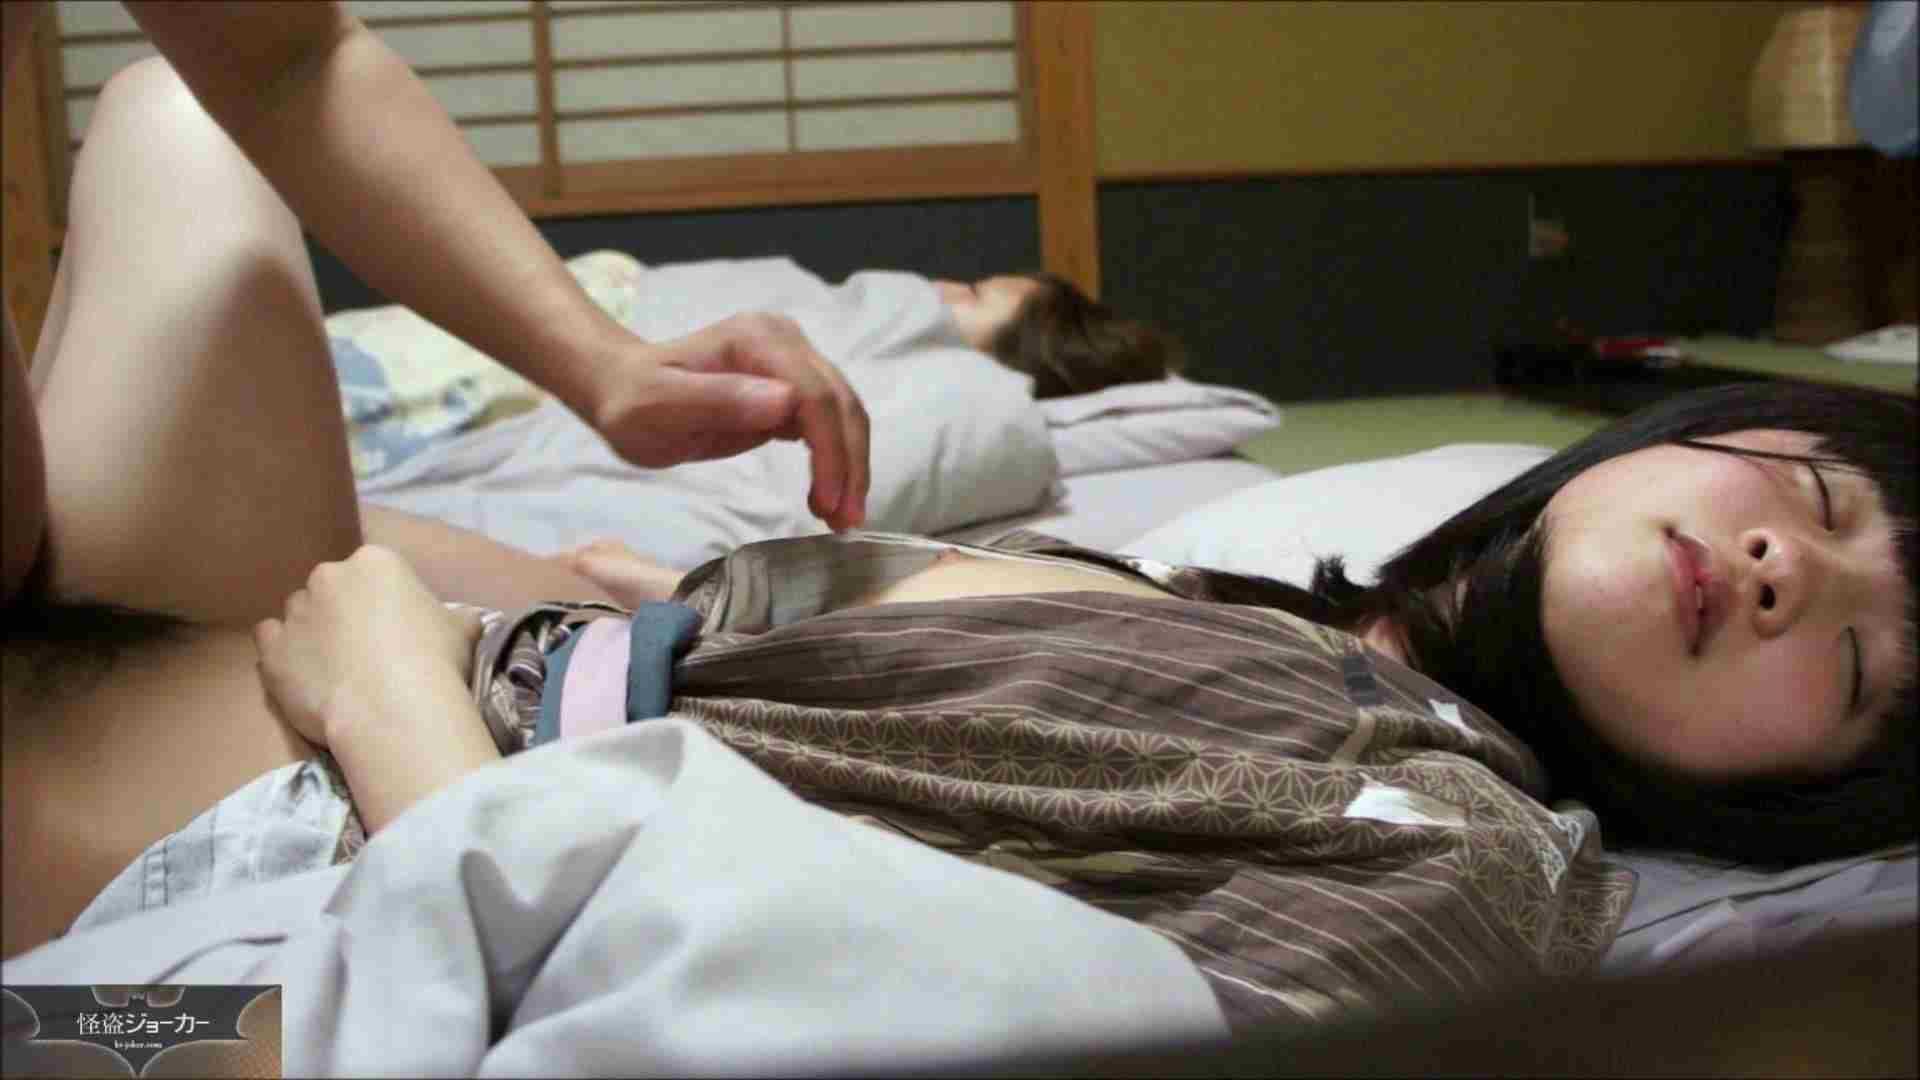 【未公開】vol.28 【前編】旅先で寝乱れ・・・小春。 色っぽいOL達 盗撮動画紹介 80pic 11